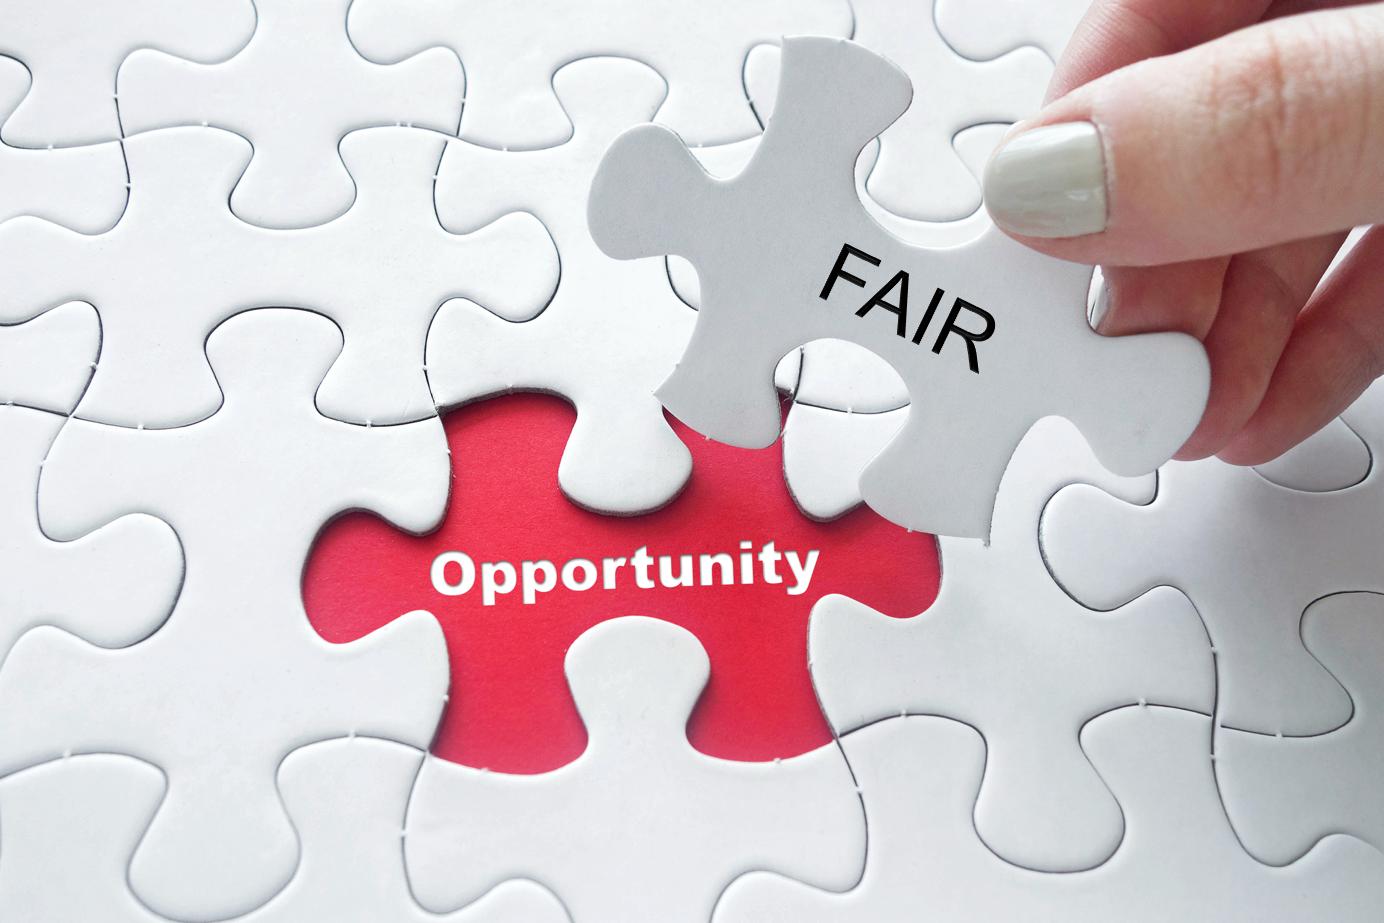 FAIR_piece_of_risk_management_puzzle.png